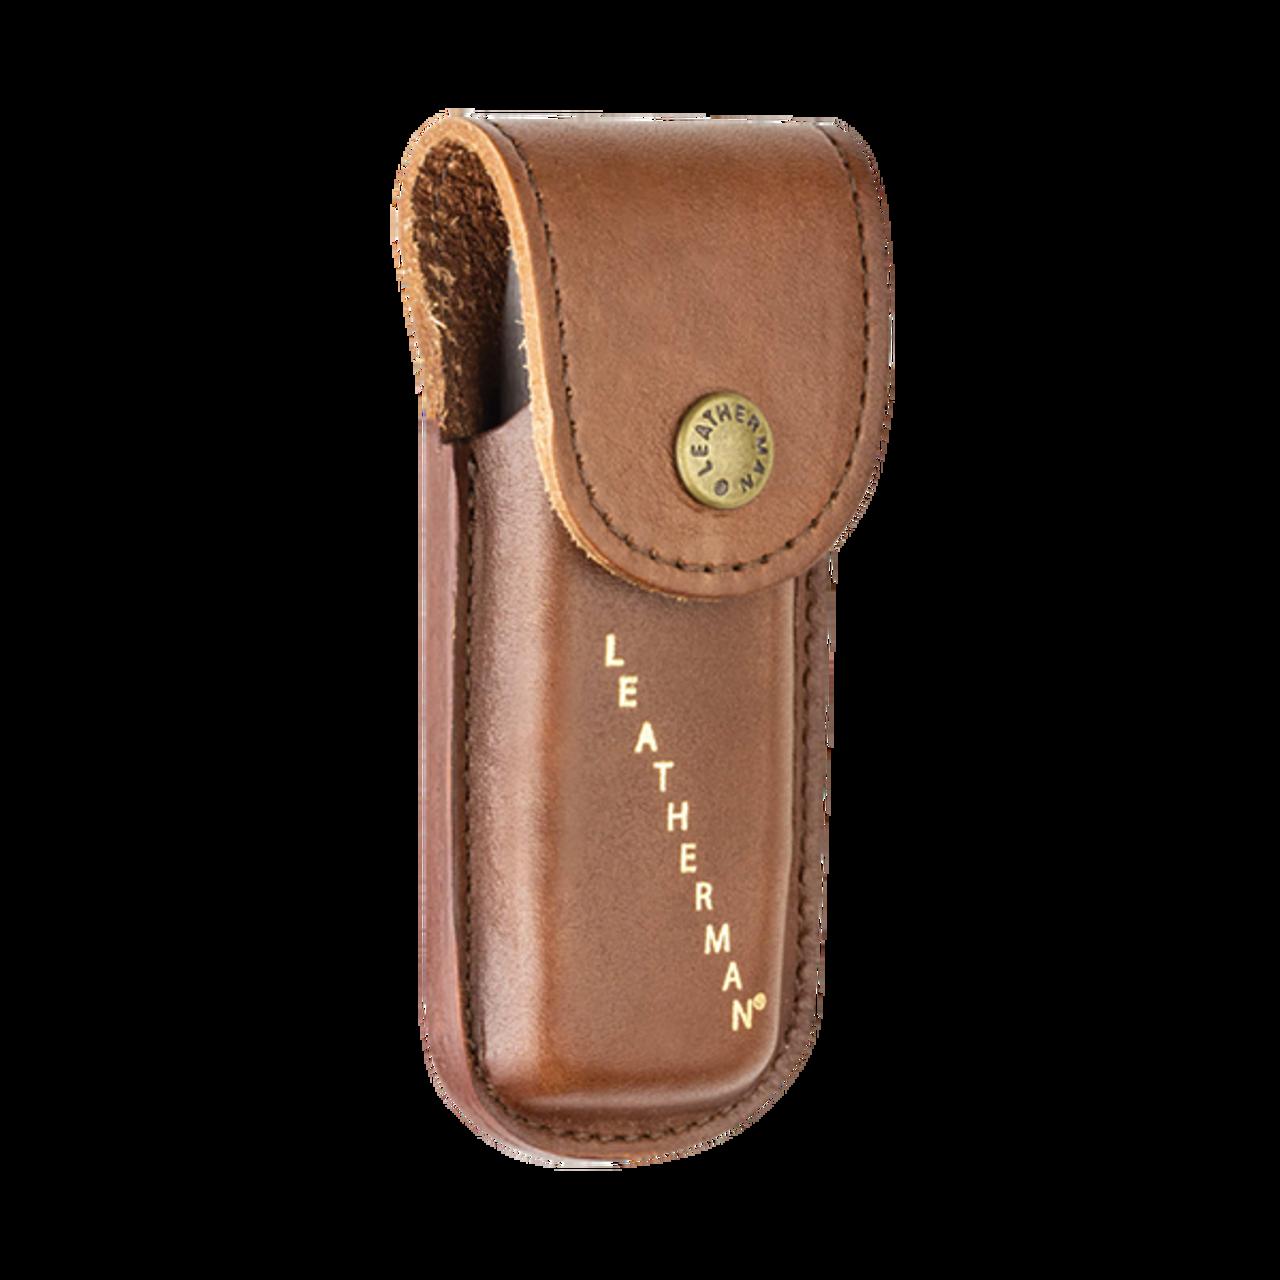 Leatherman 832594 Medium Leather Heritage Sheath